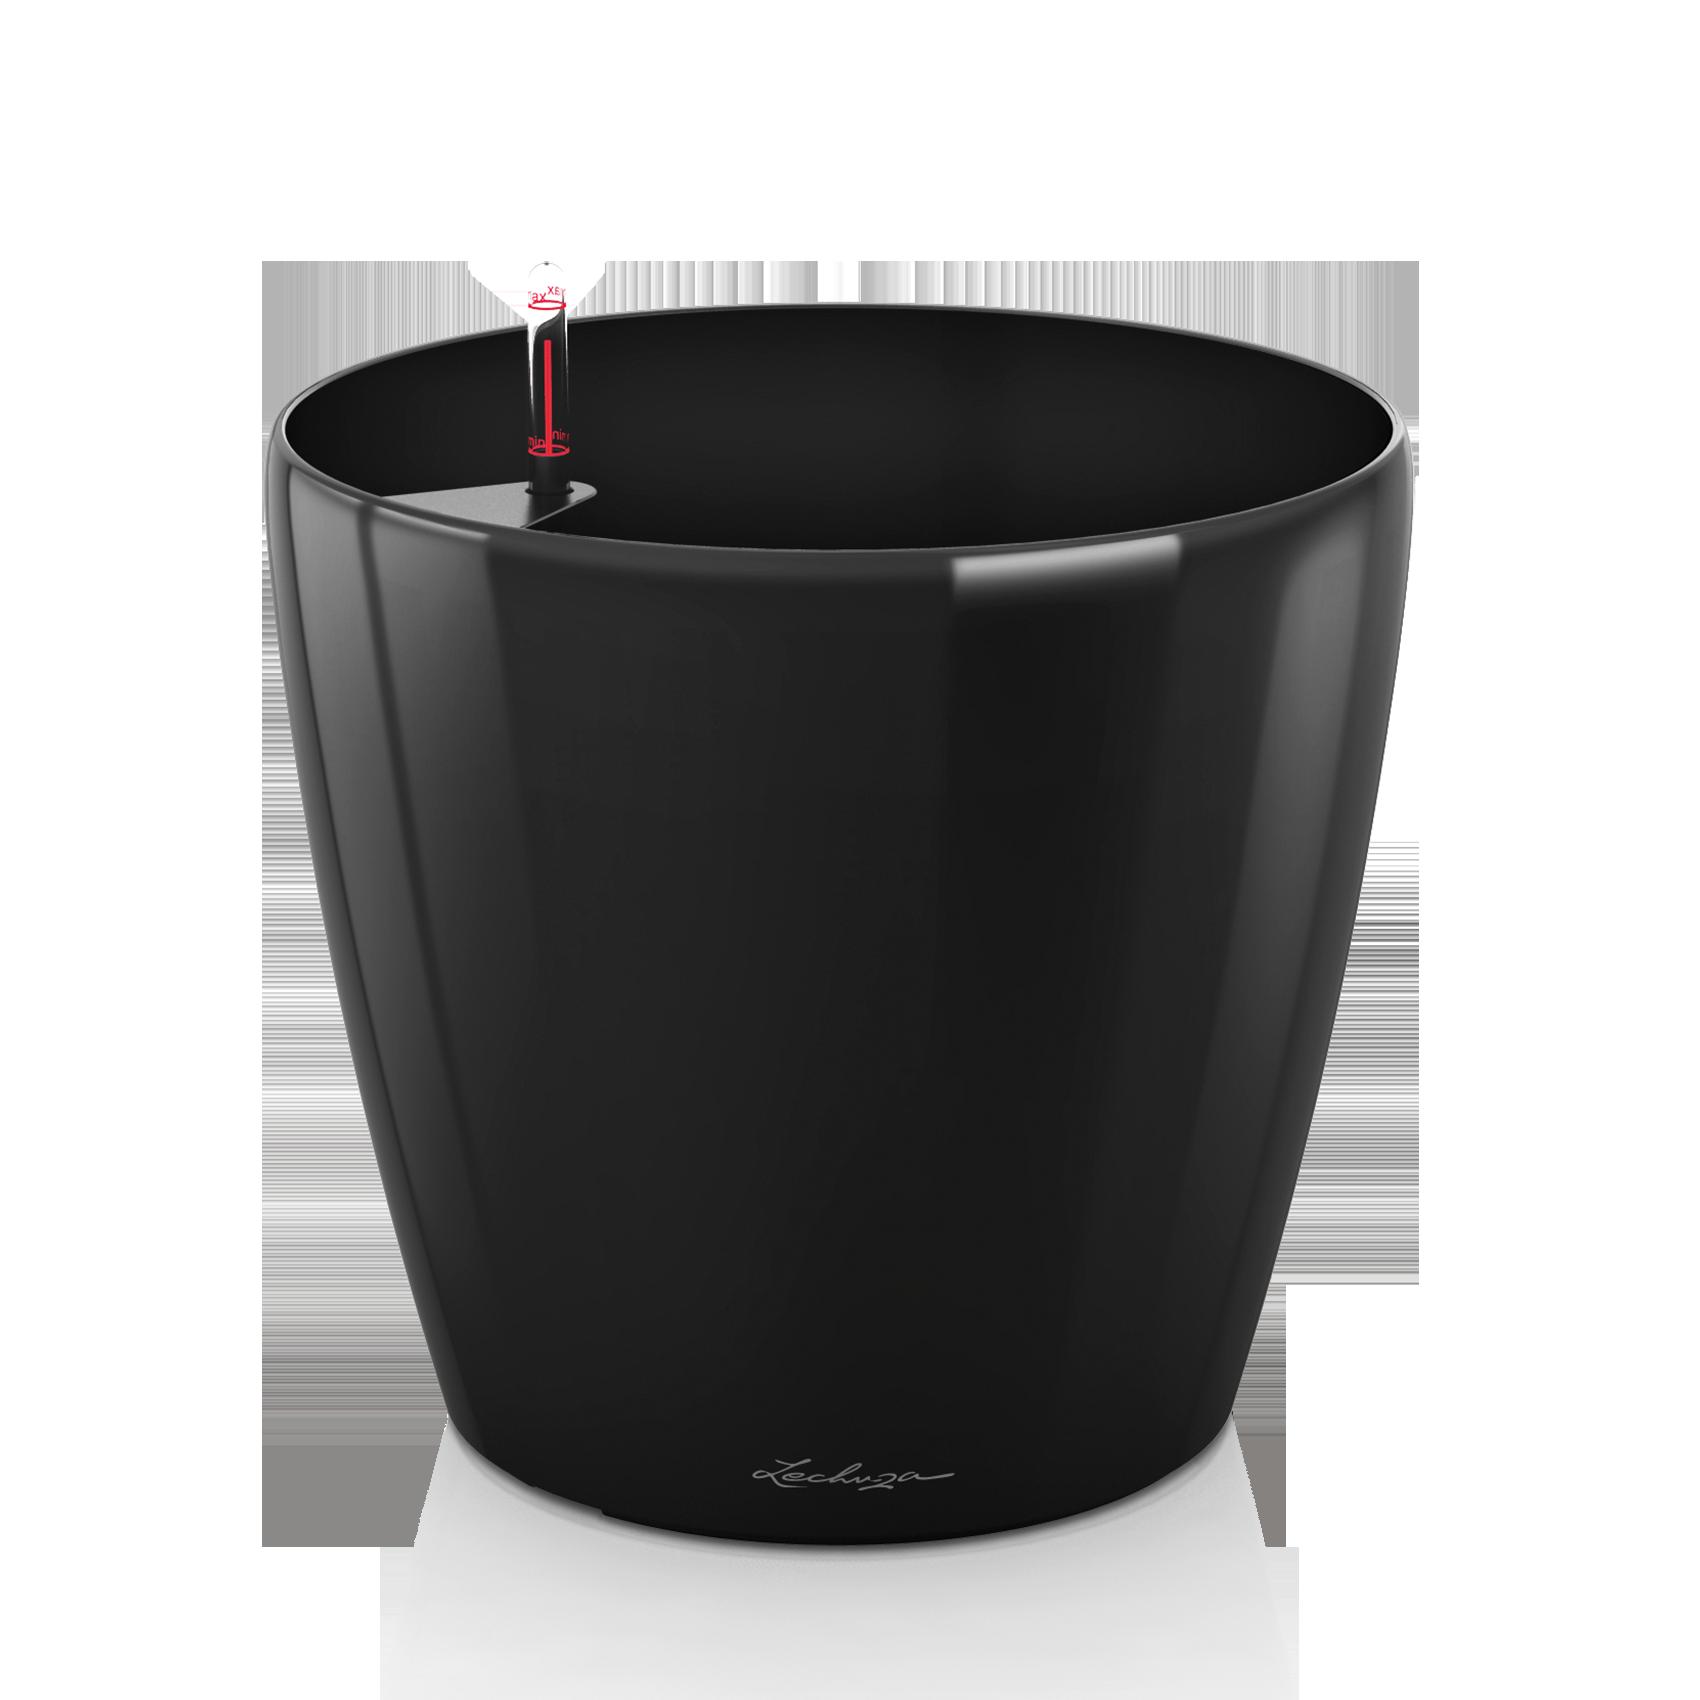 CLASSICO 60 schwarz hochglanz